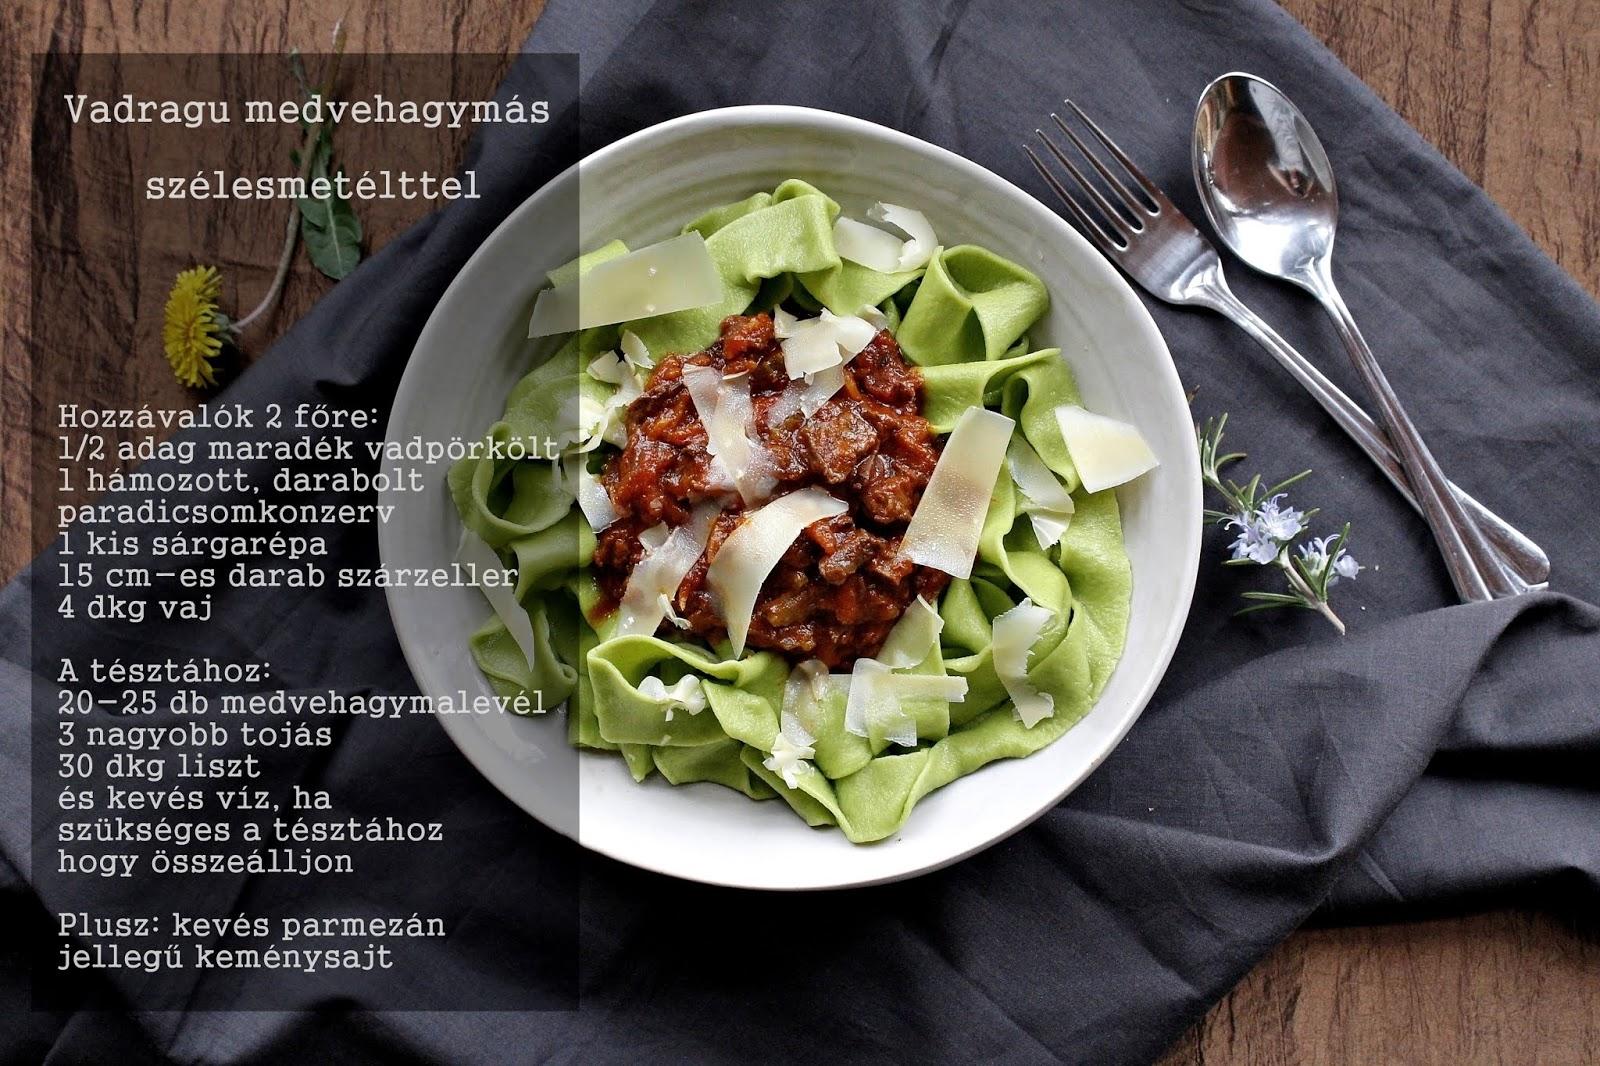 Crockpot Carnitas Recept: Egyszerű lassú sütő